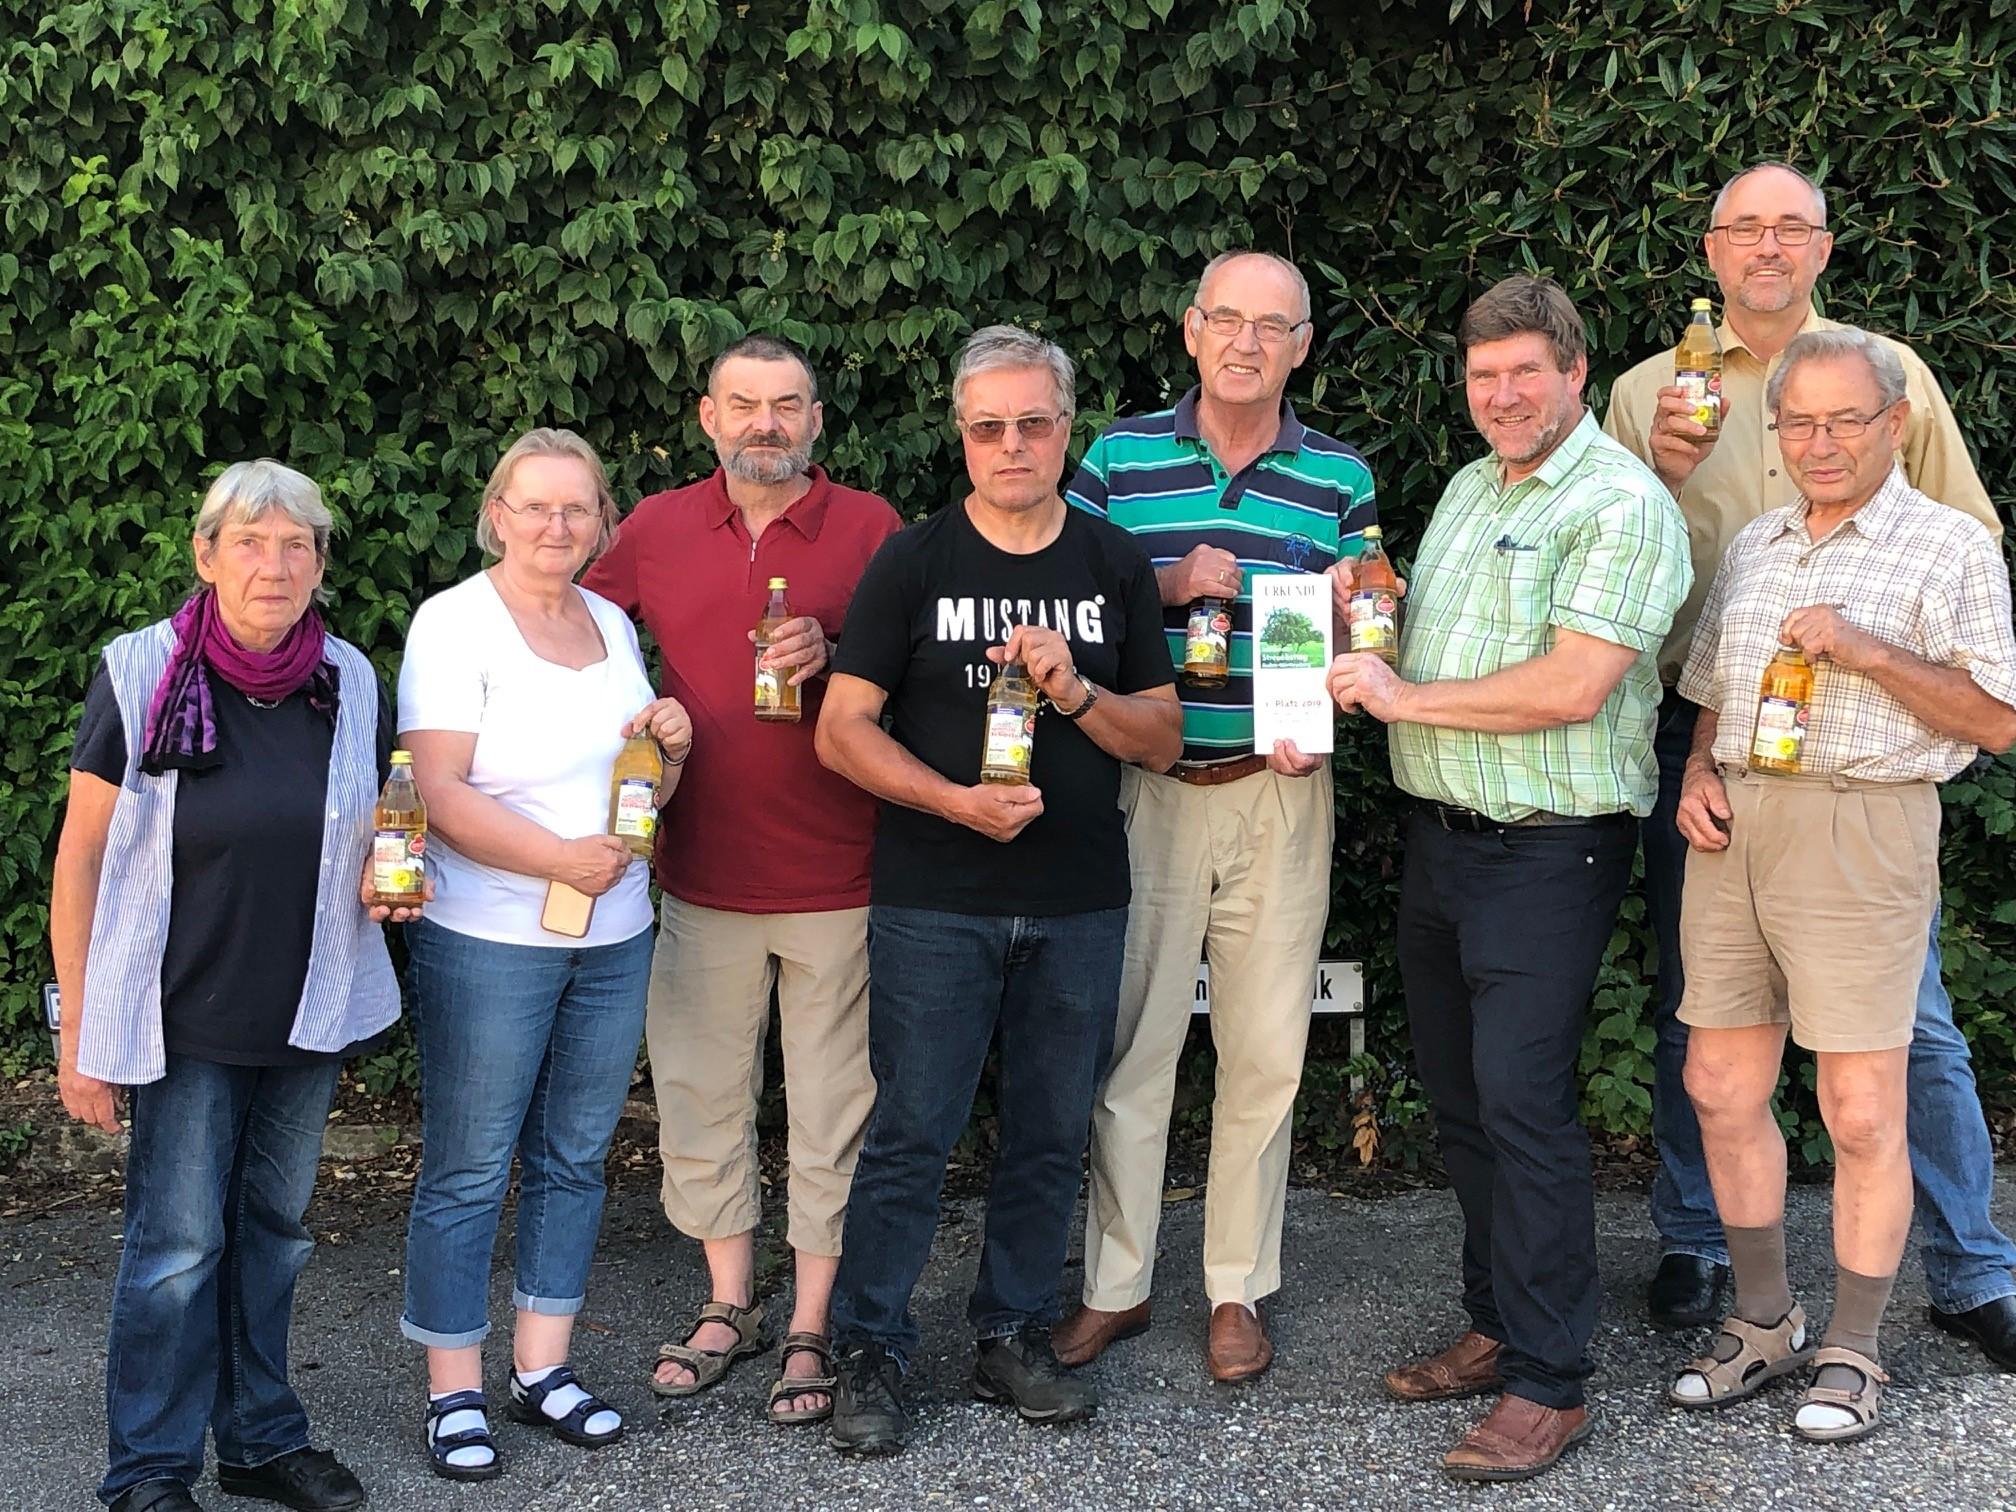 2019 erhielt die Ensinger Streuobst Apfel-Schorle bei der landesweiten Prämierung von Streuobstgetränken den 1. Preis.